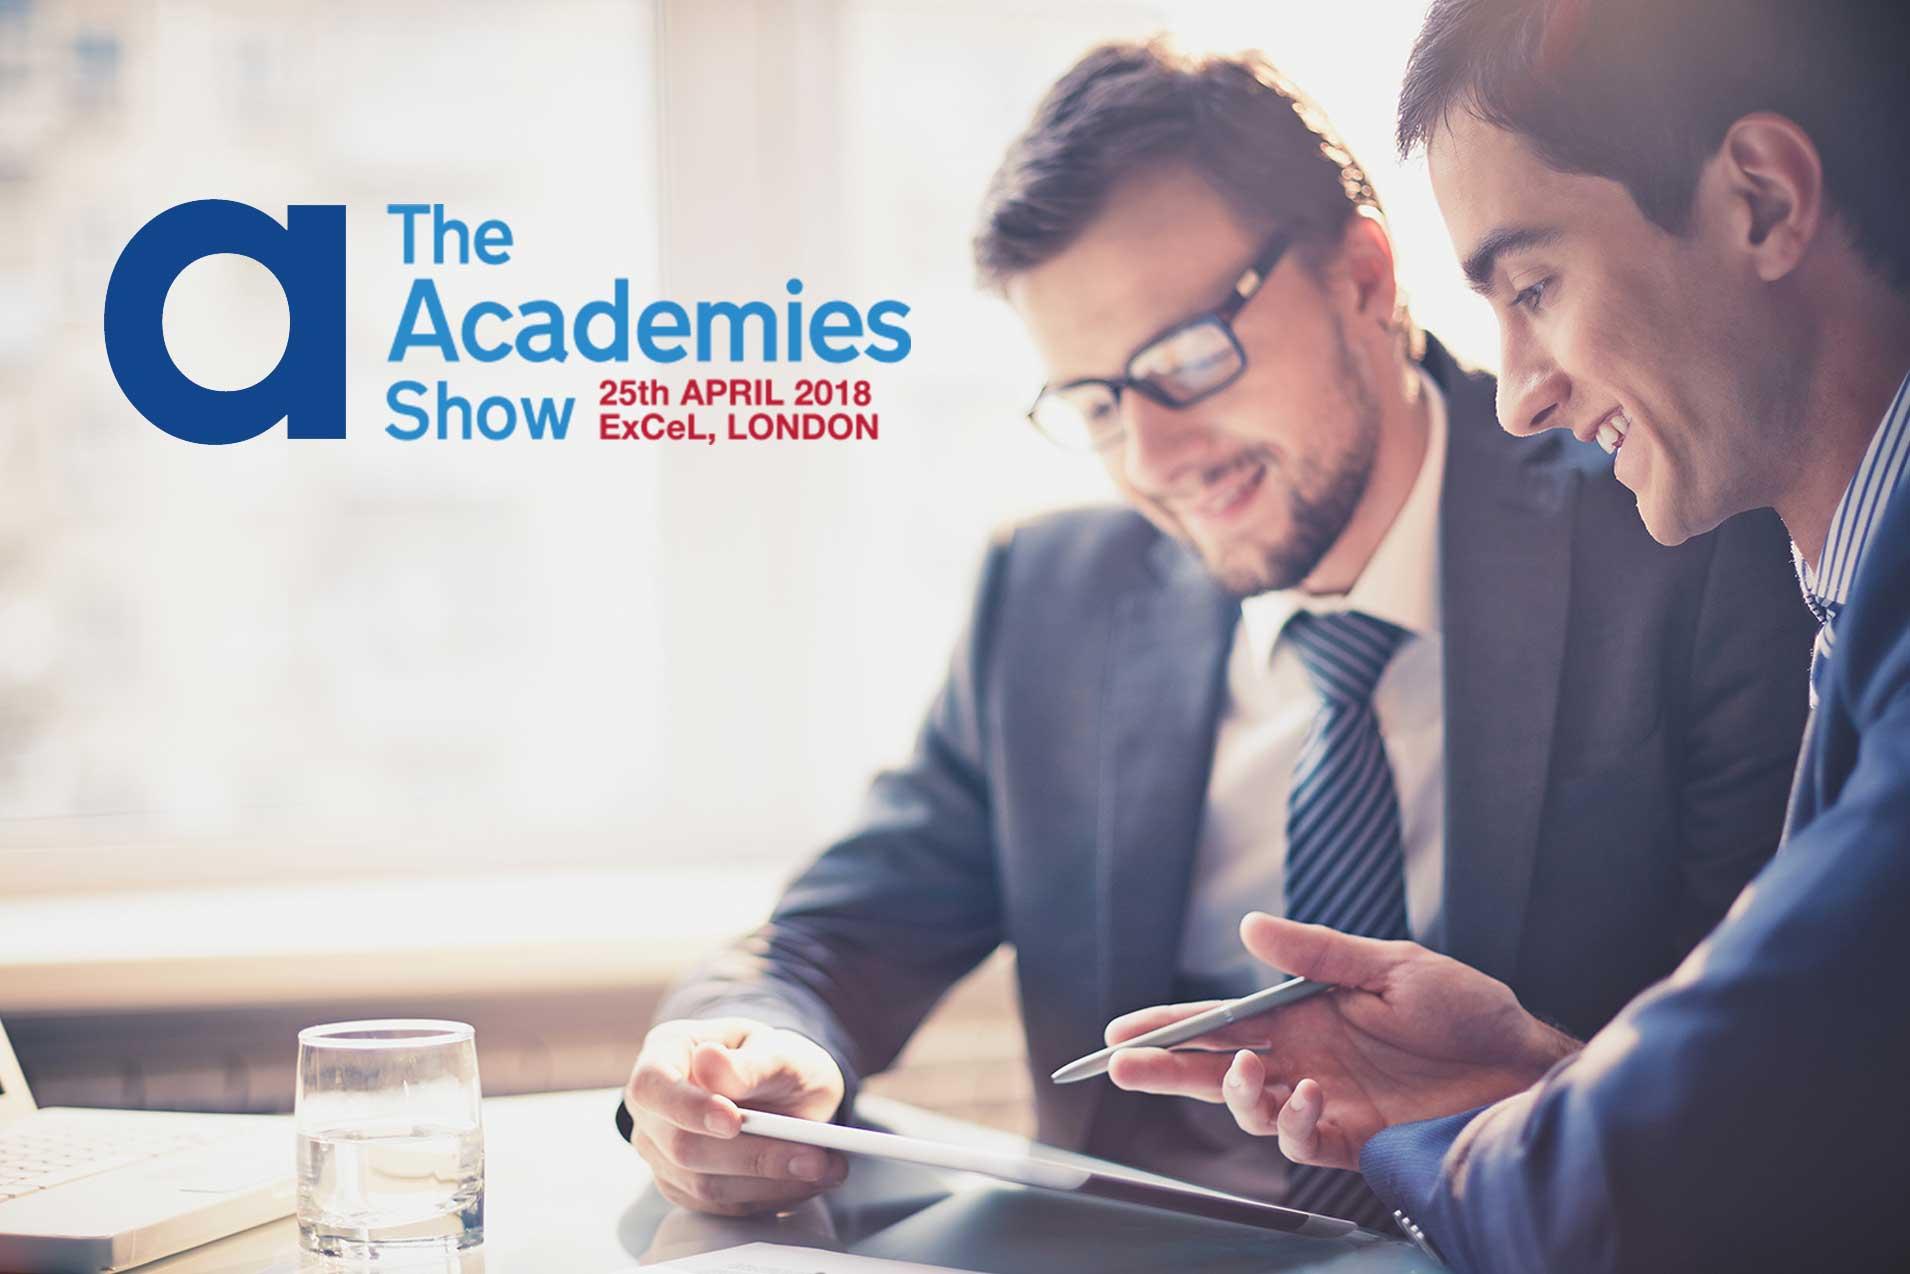 Academies Show 2018